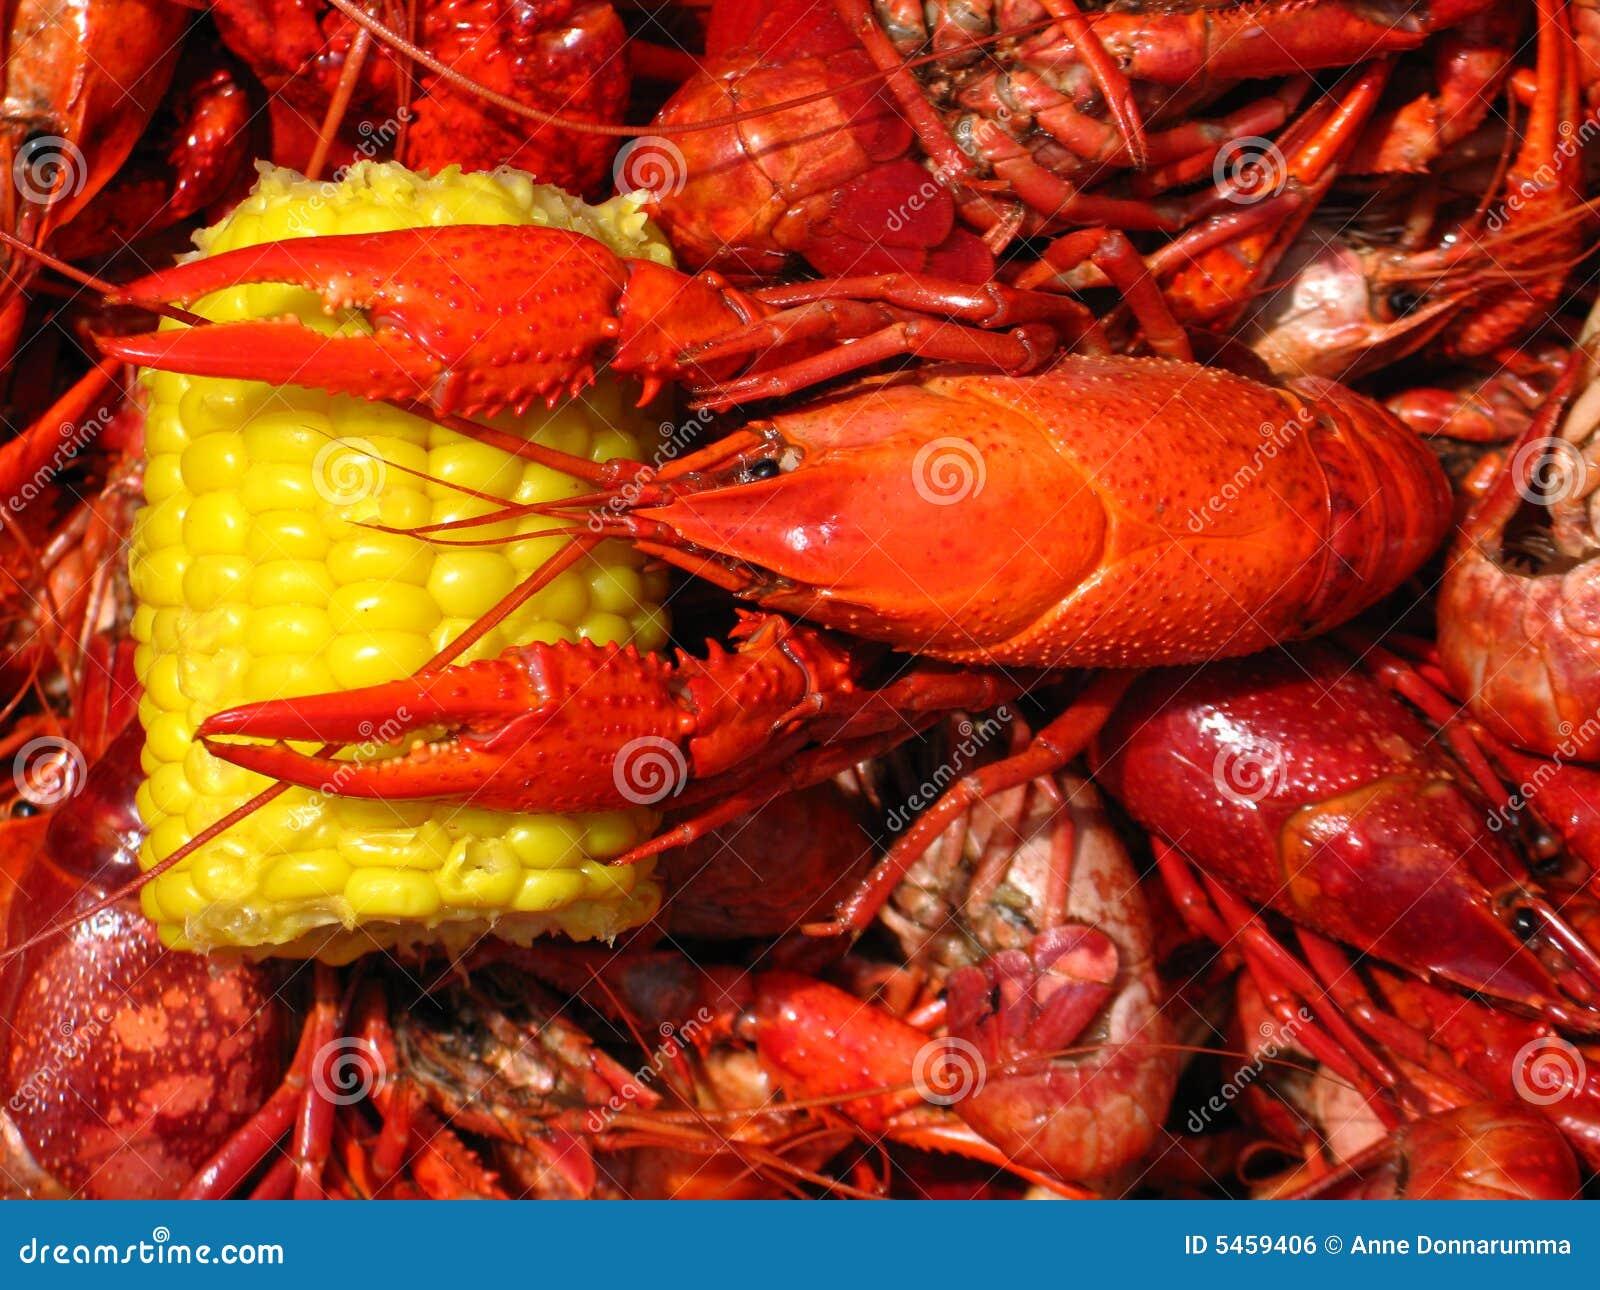 Crawfish Boil crawfish boil royalty free stock image - image: 5459406